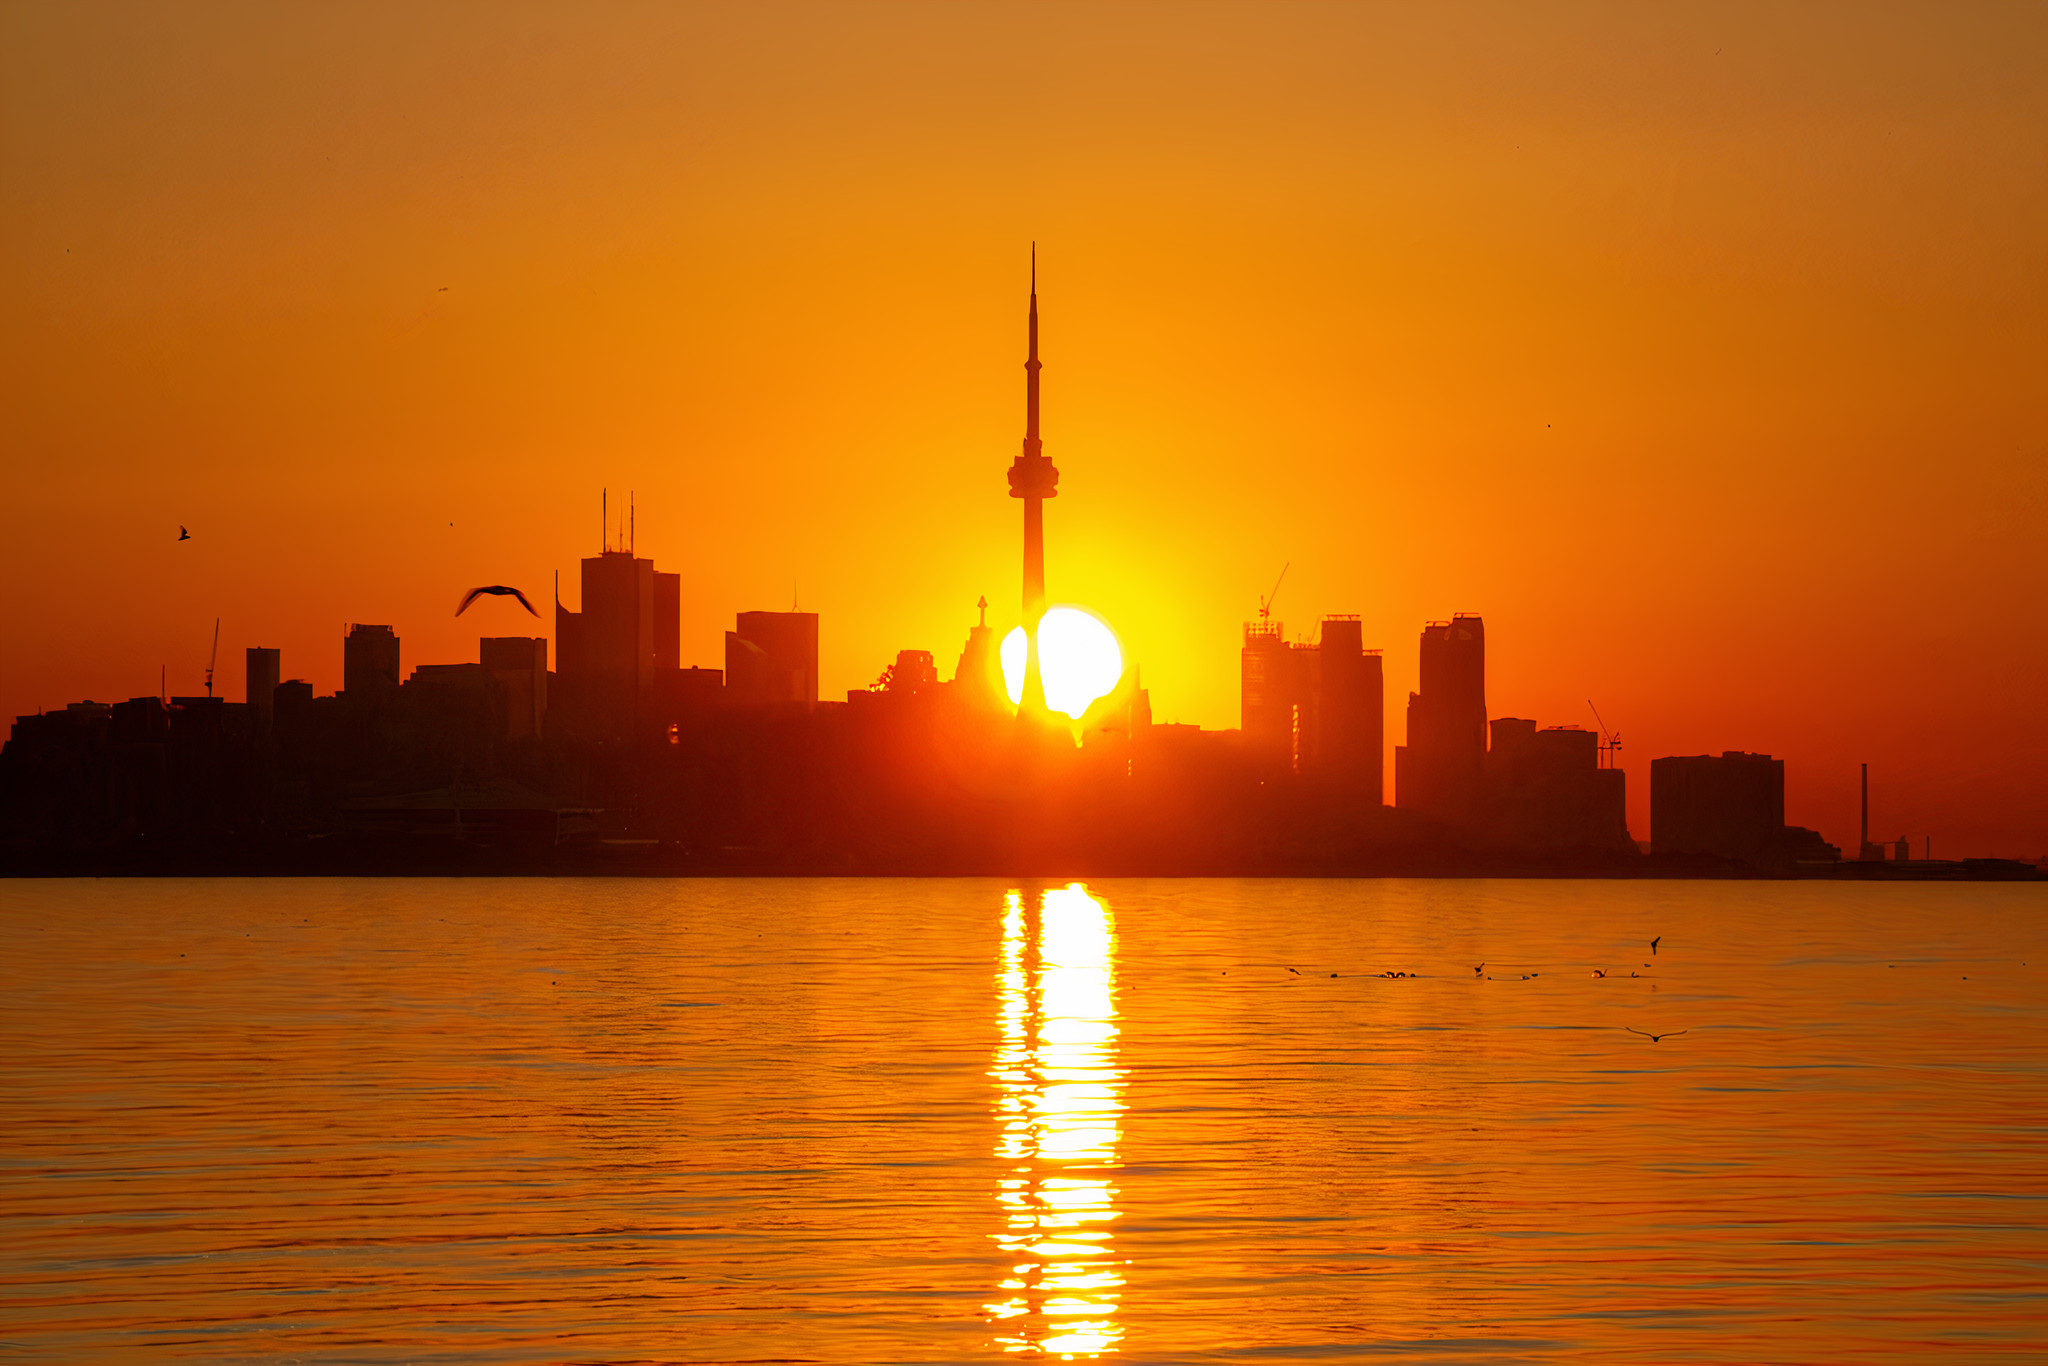 Source: Torontostar.com